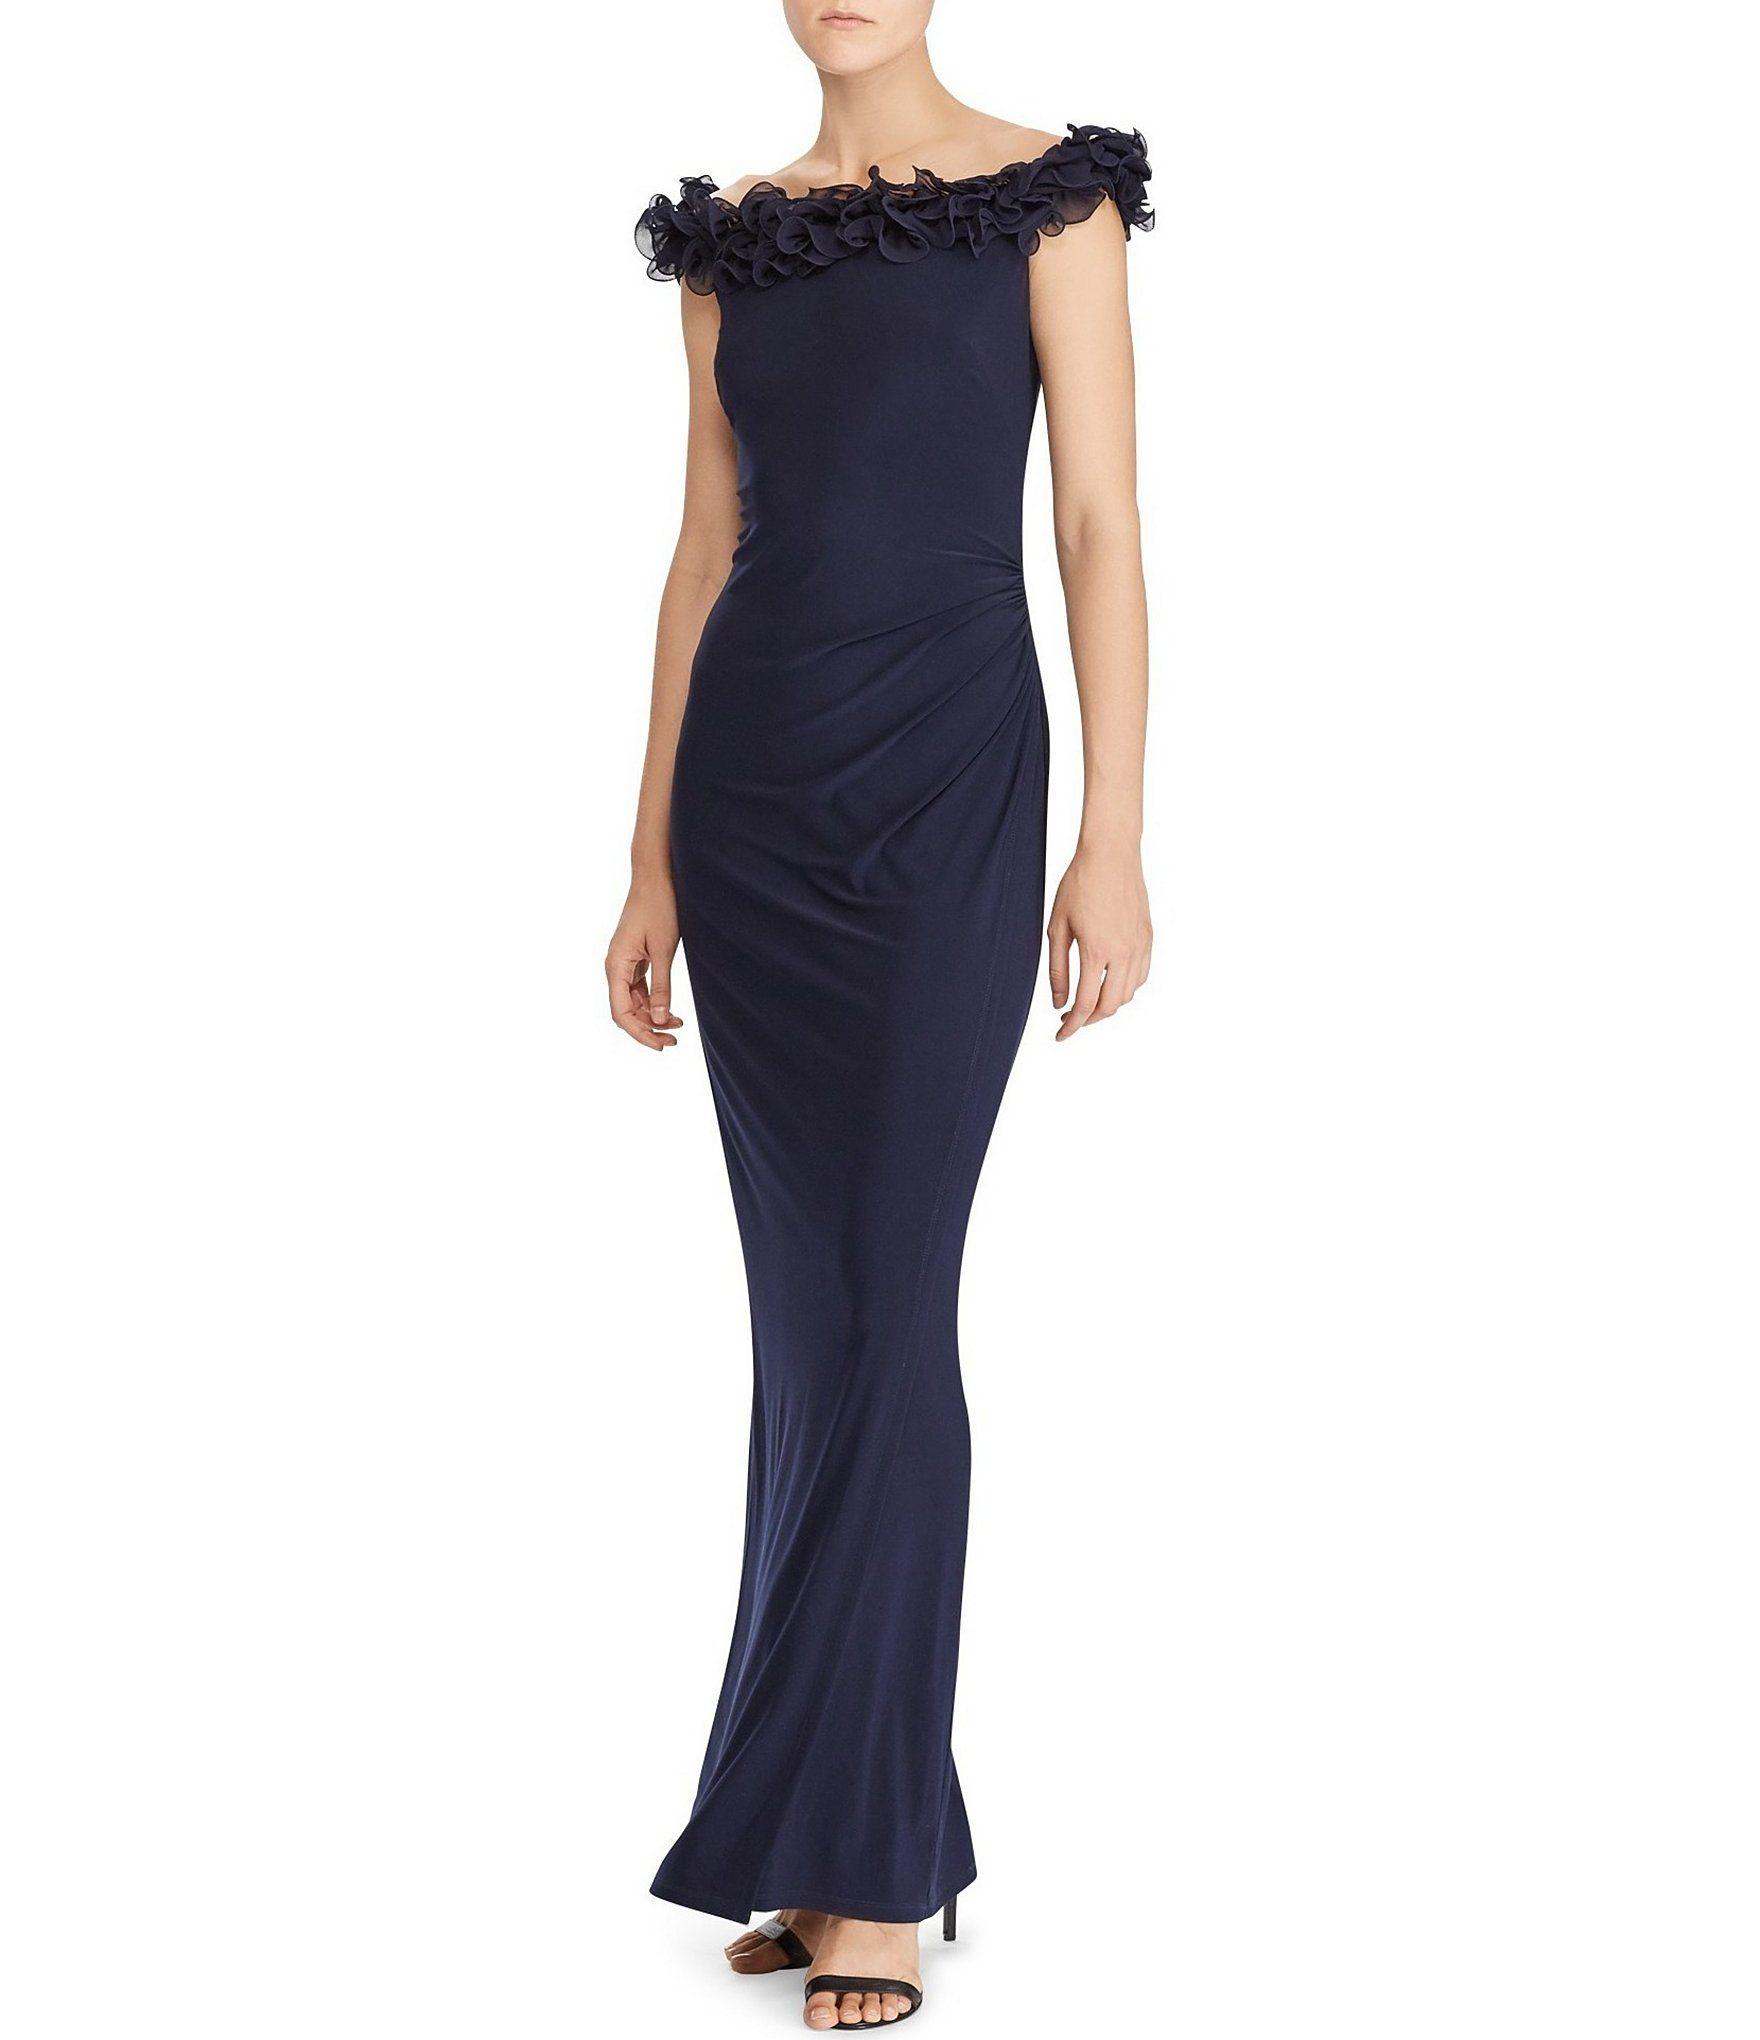 876126ace737b Lauren Ralph Lauren Taffeta Ruffled Neckline Jersey Dress #Dillards ...